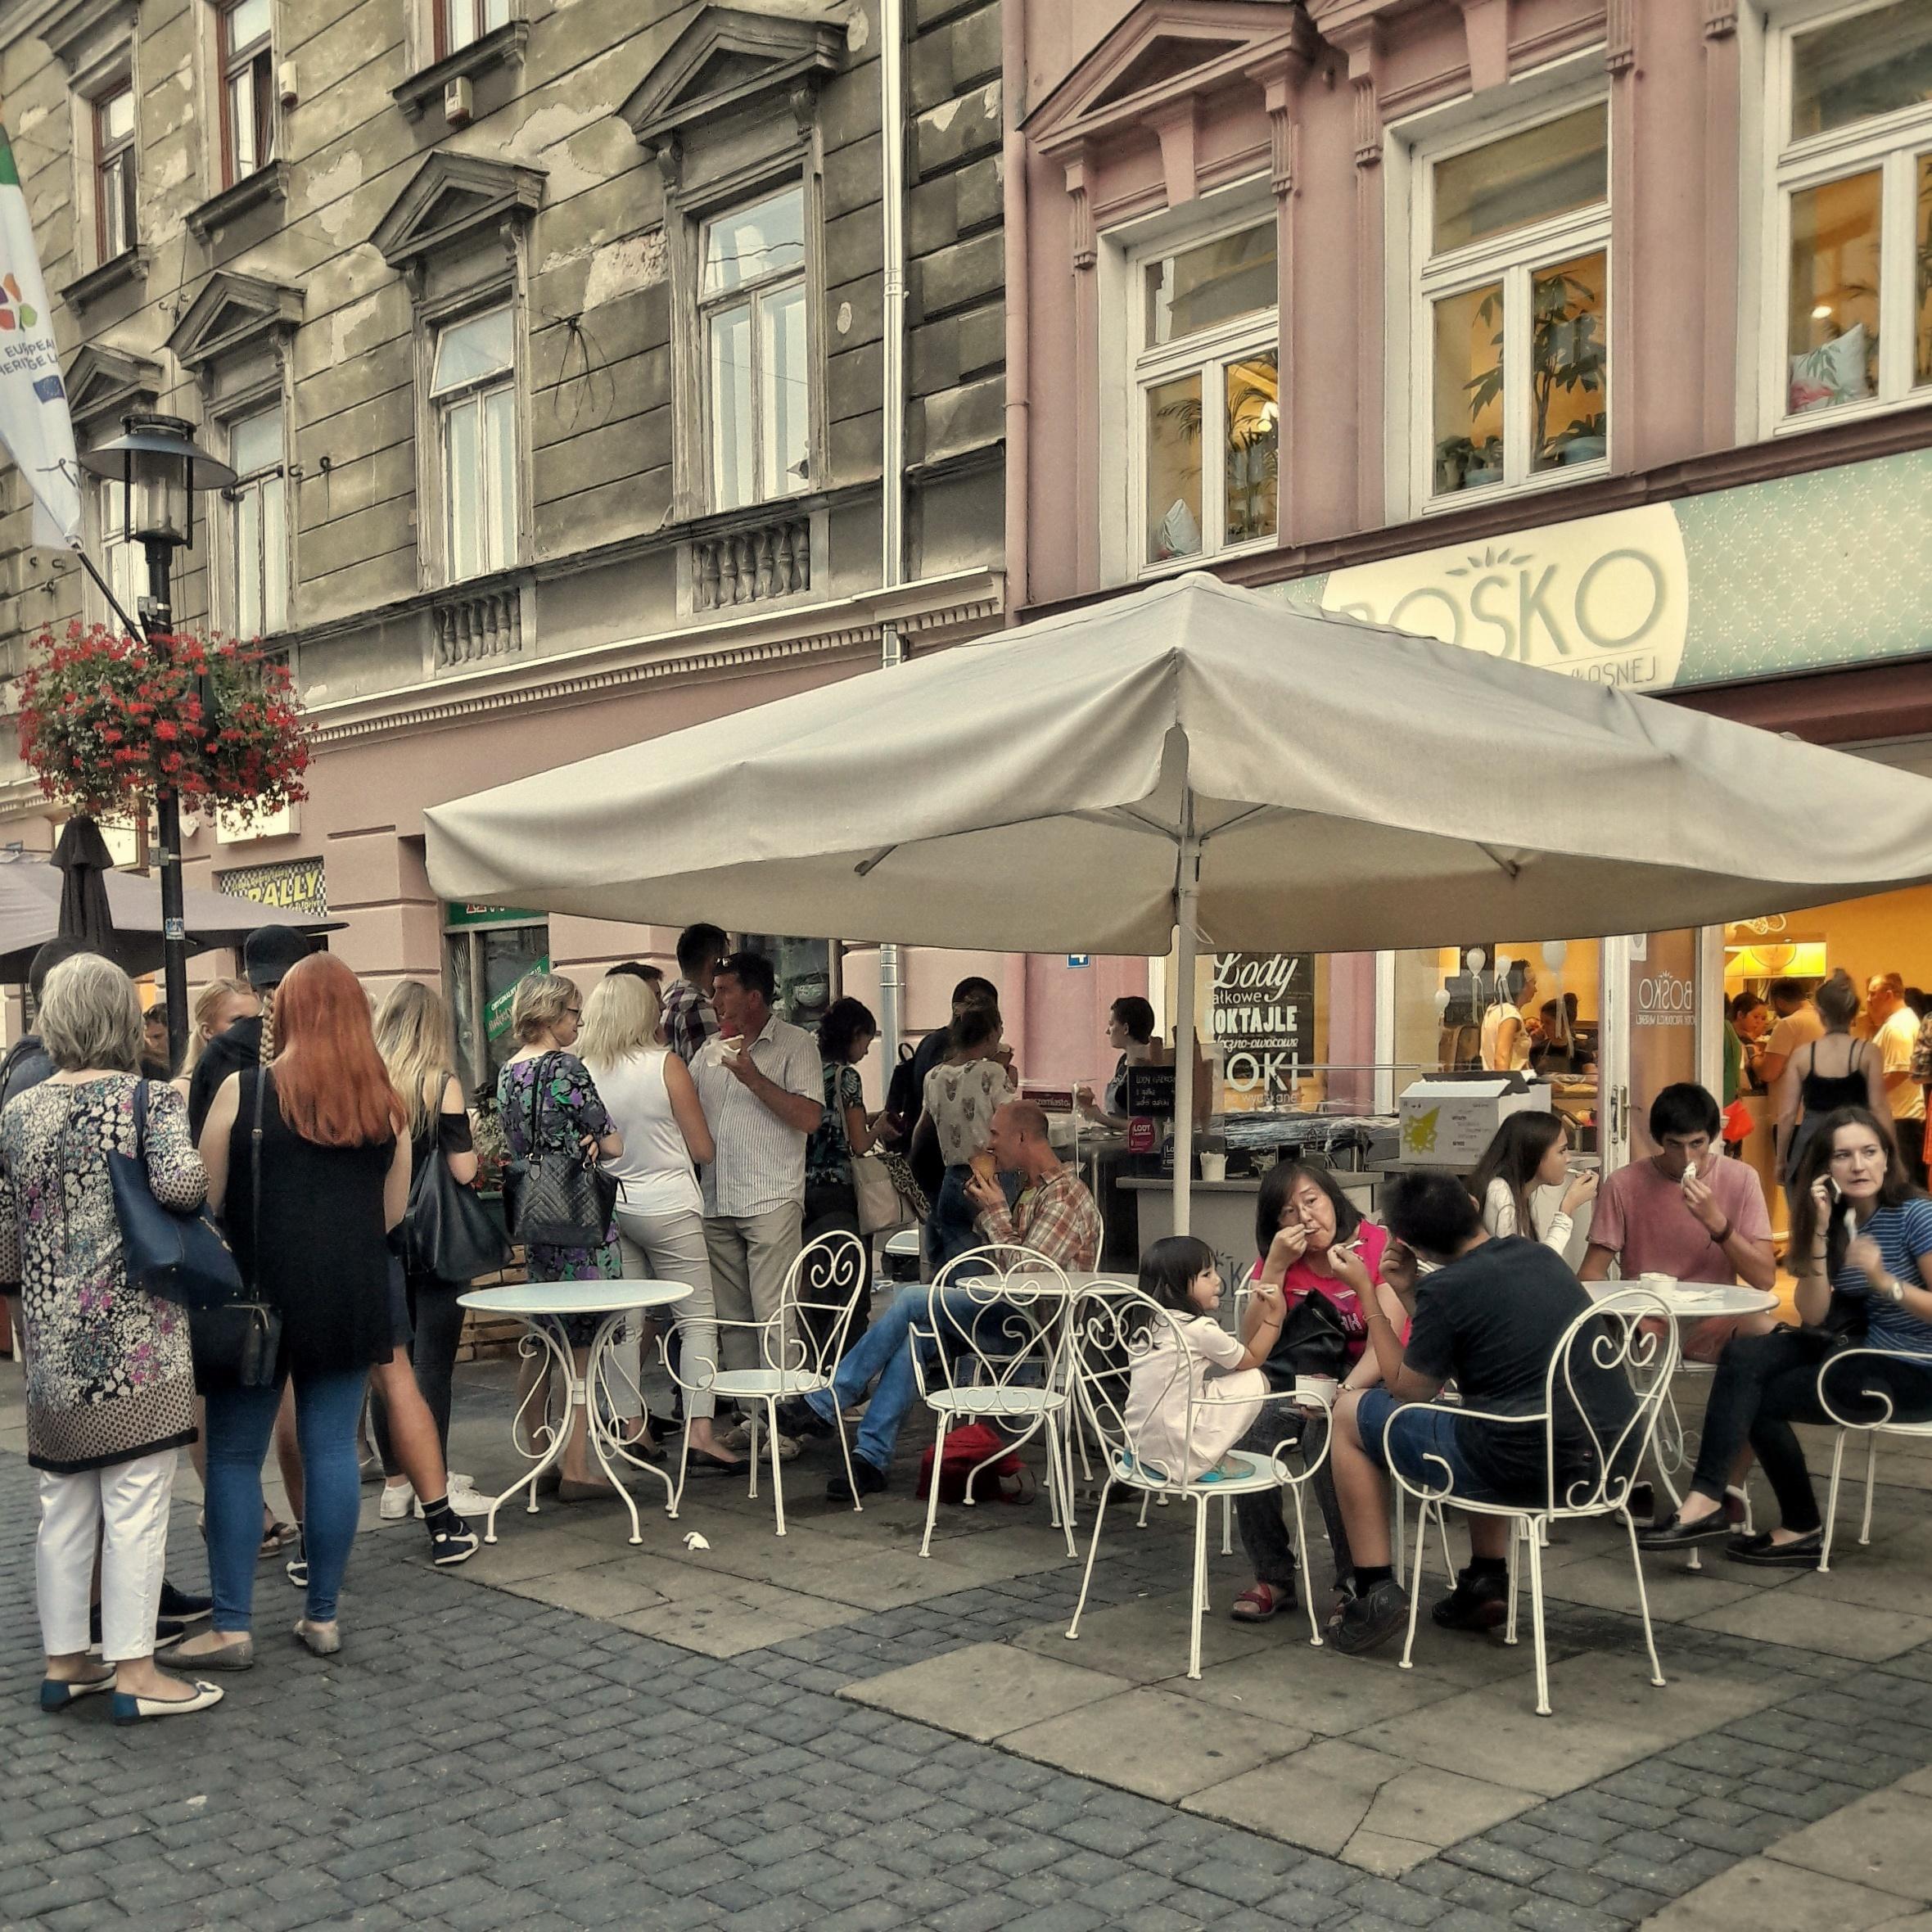 Lublin, zwiedzanie Lublina, rynek w Lublinie, Lublin stare miasto